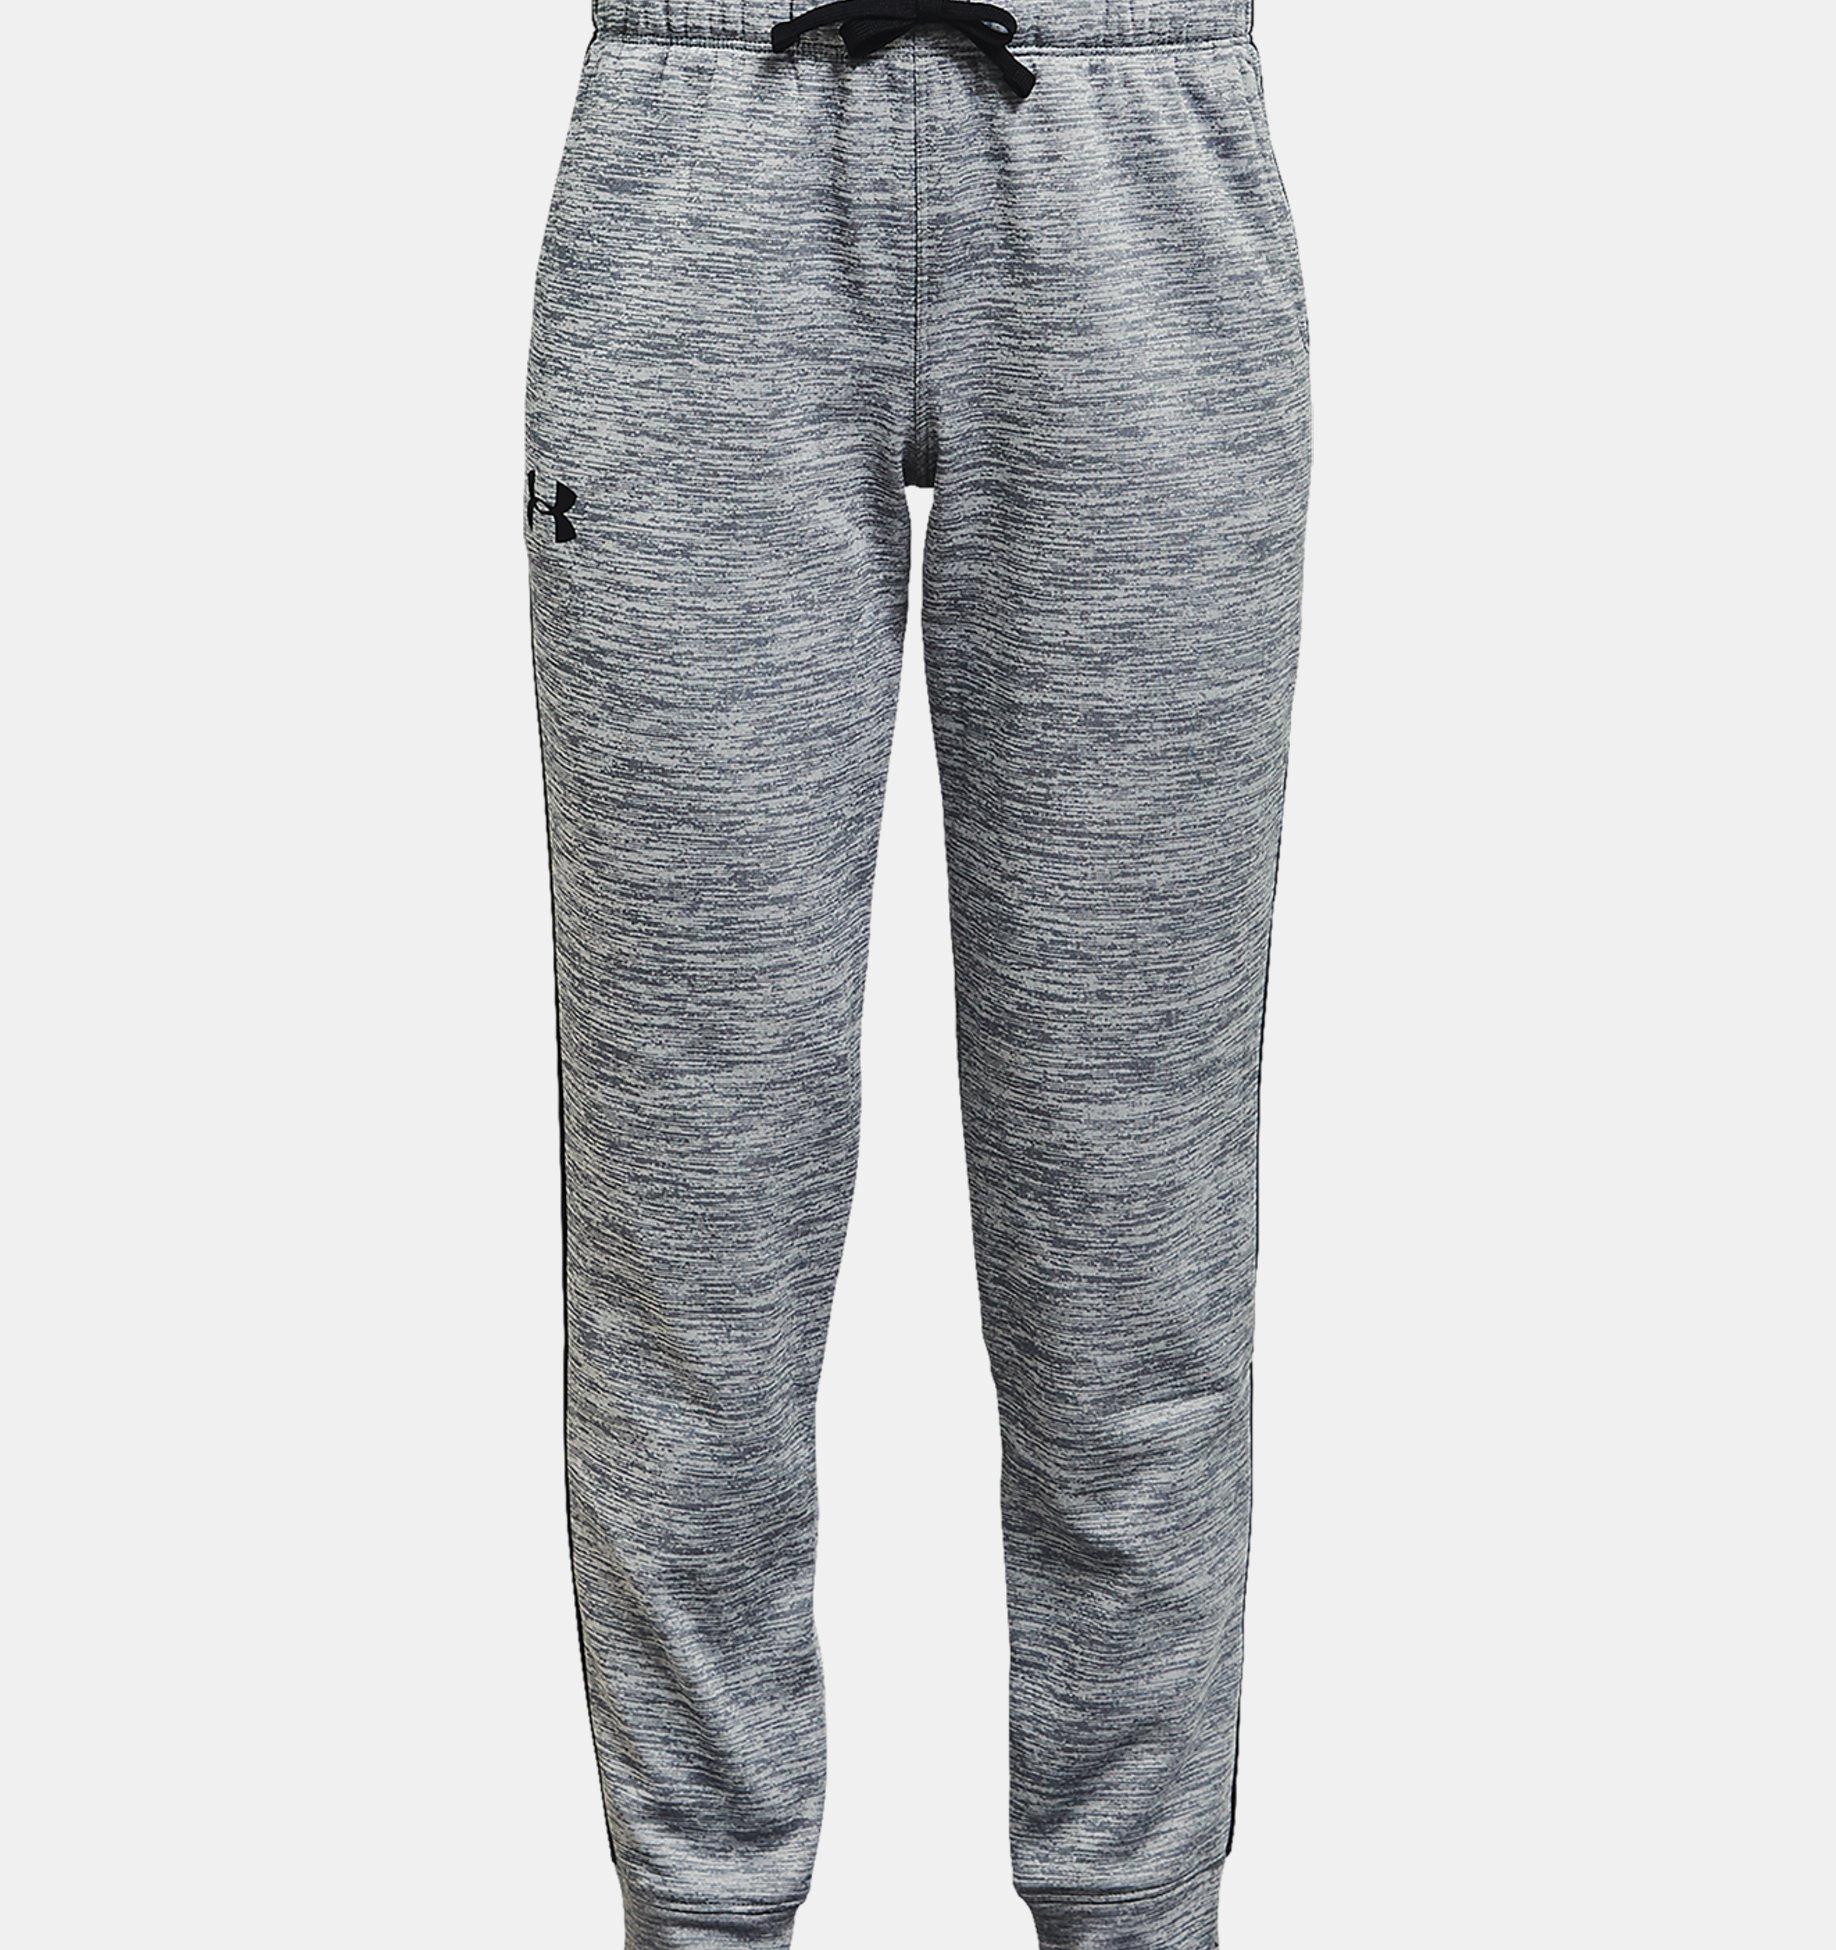 Underarmour Girls Armour Fleece Pants